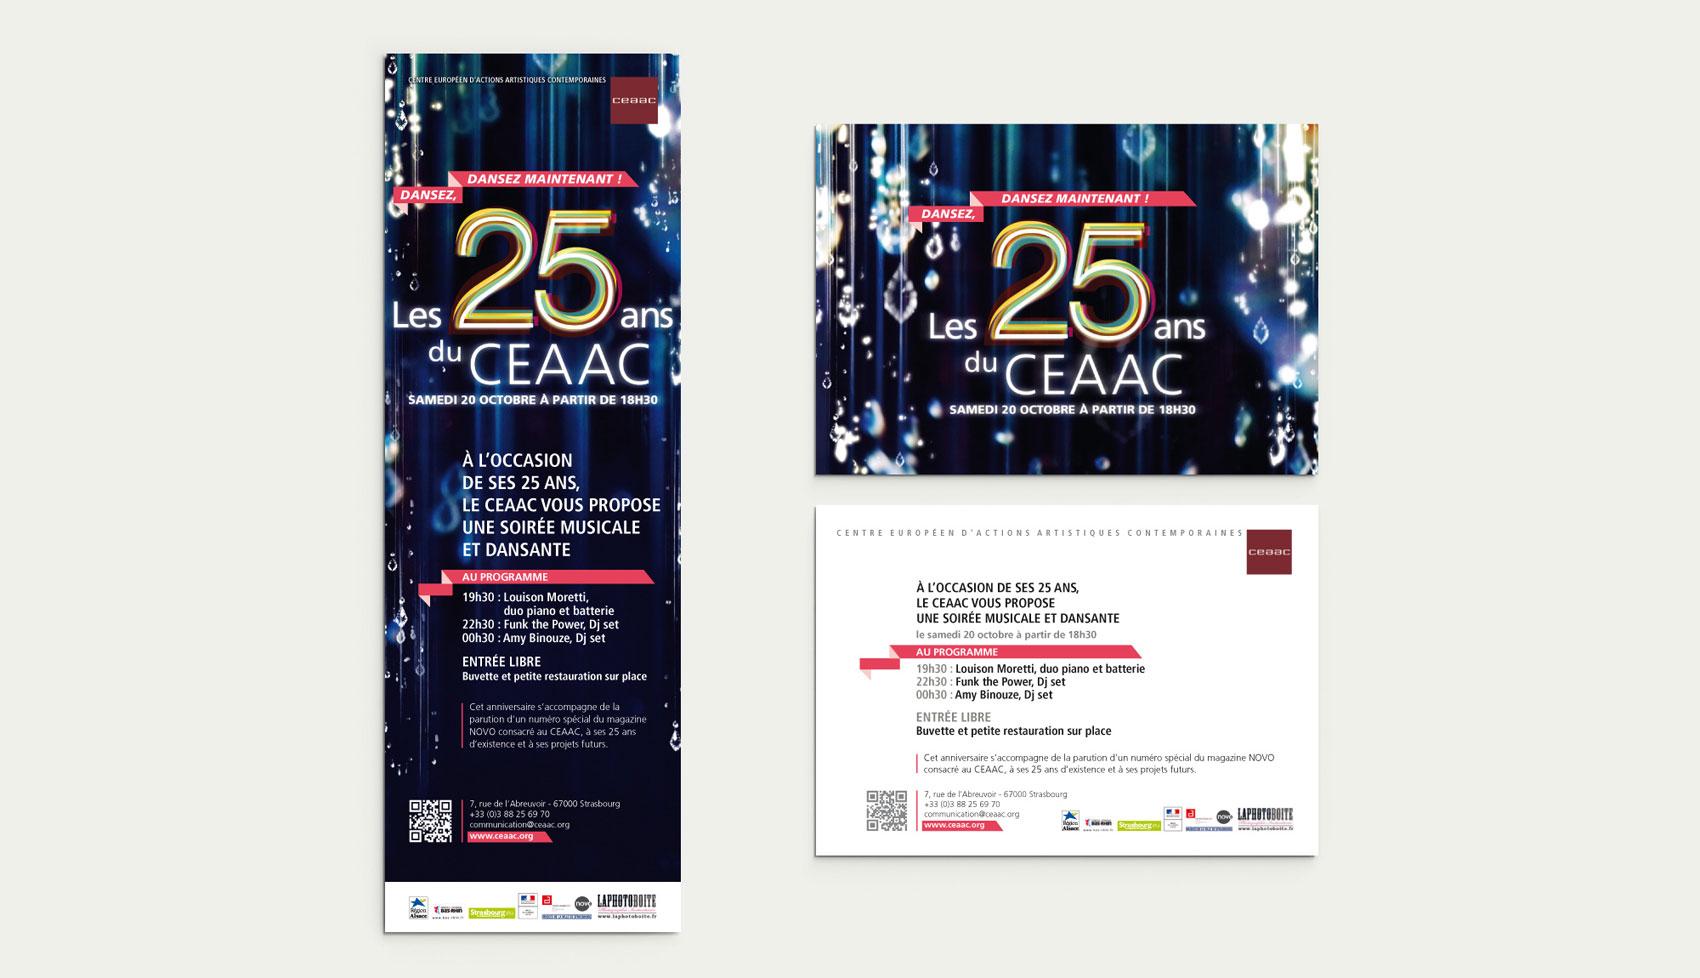 25-ans-ceaac-2